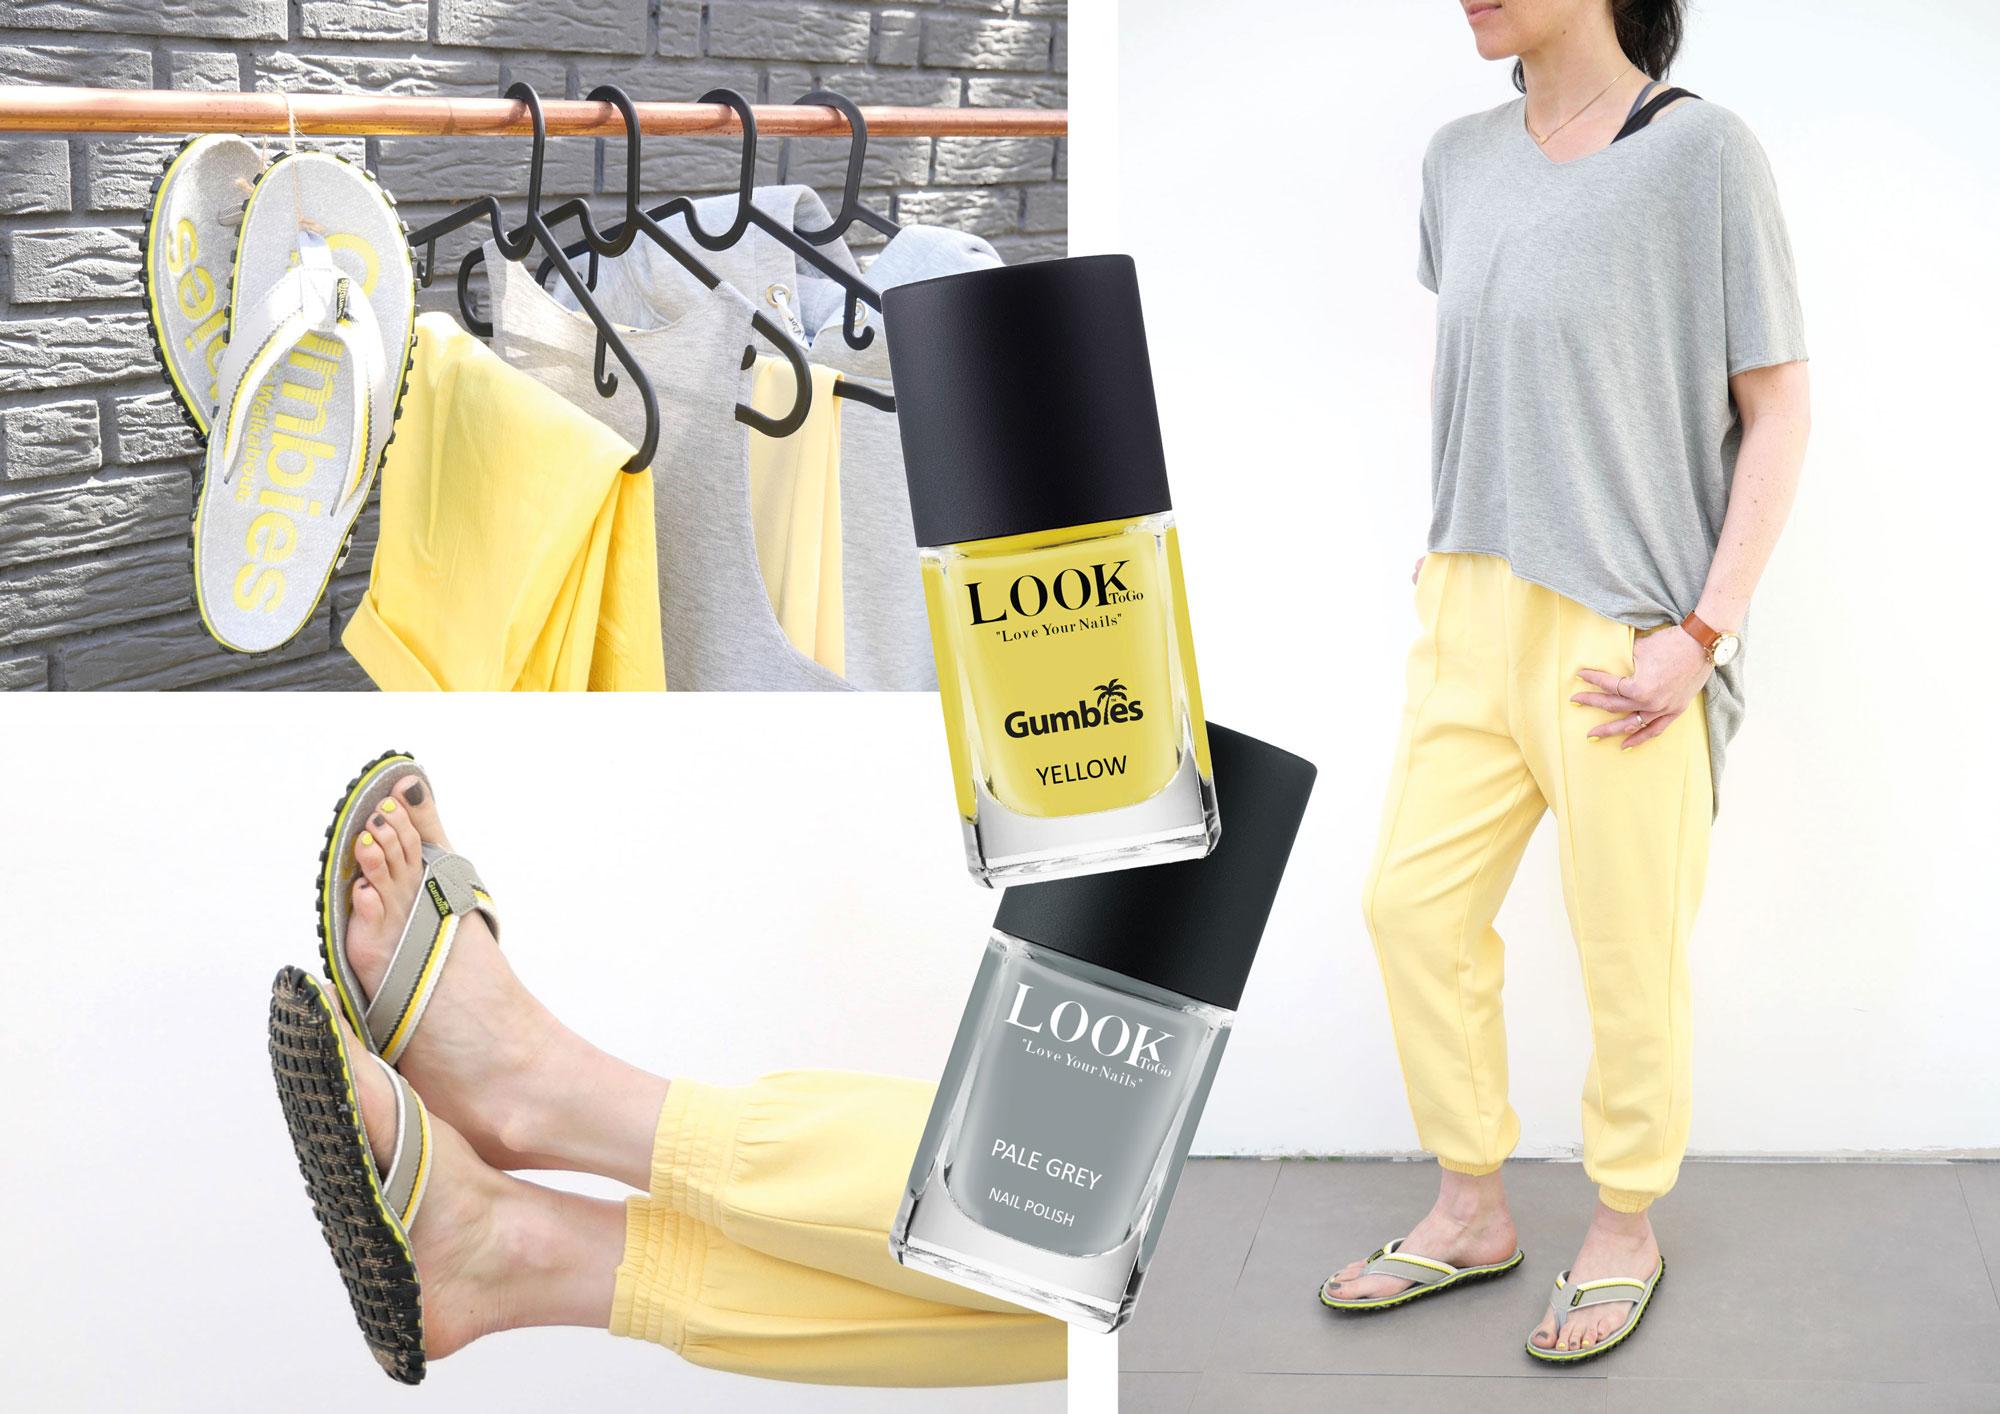 Gelb trifft auf Grau